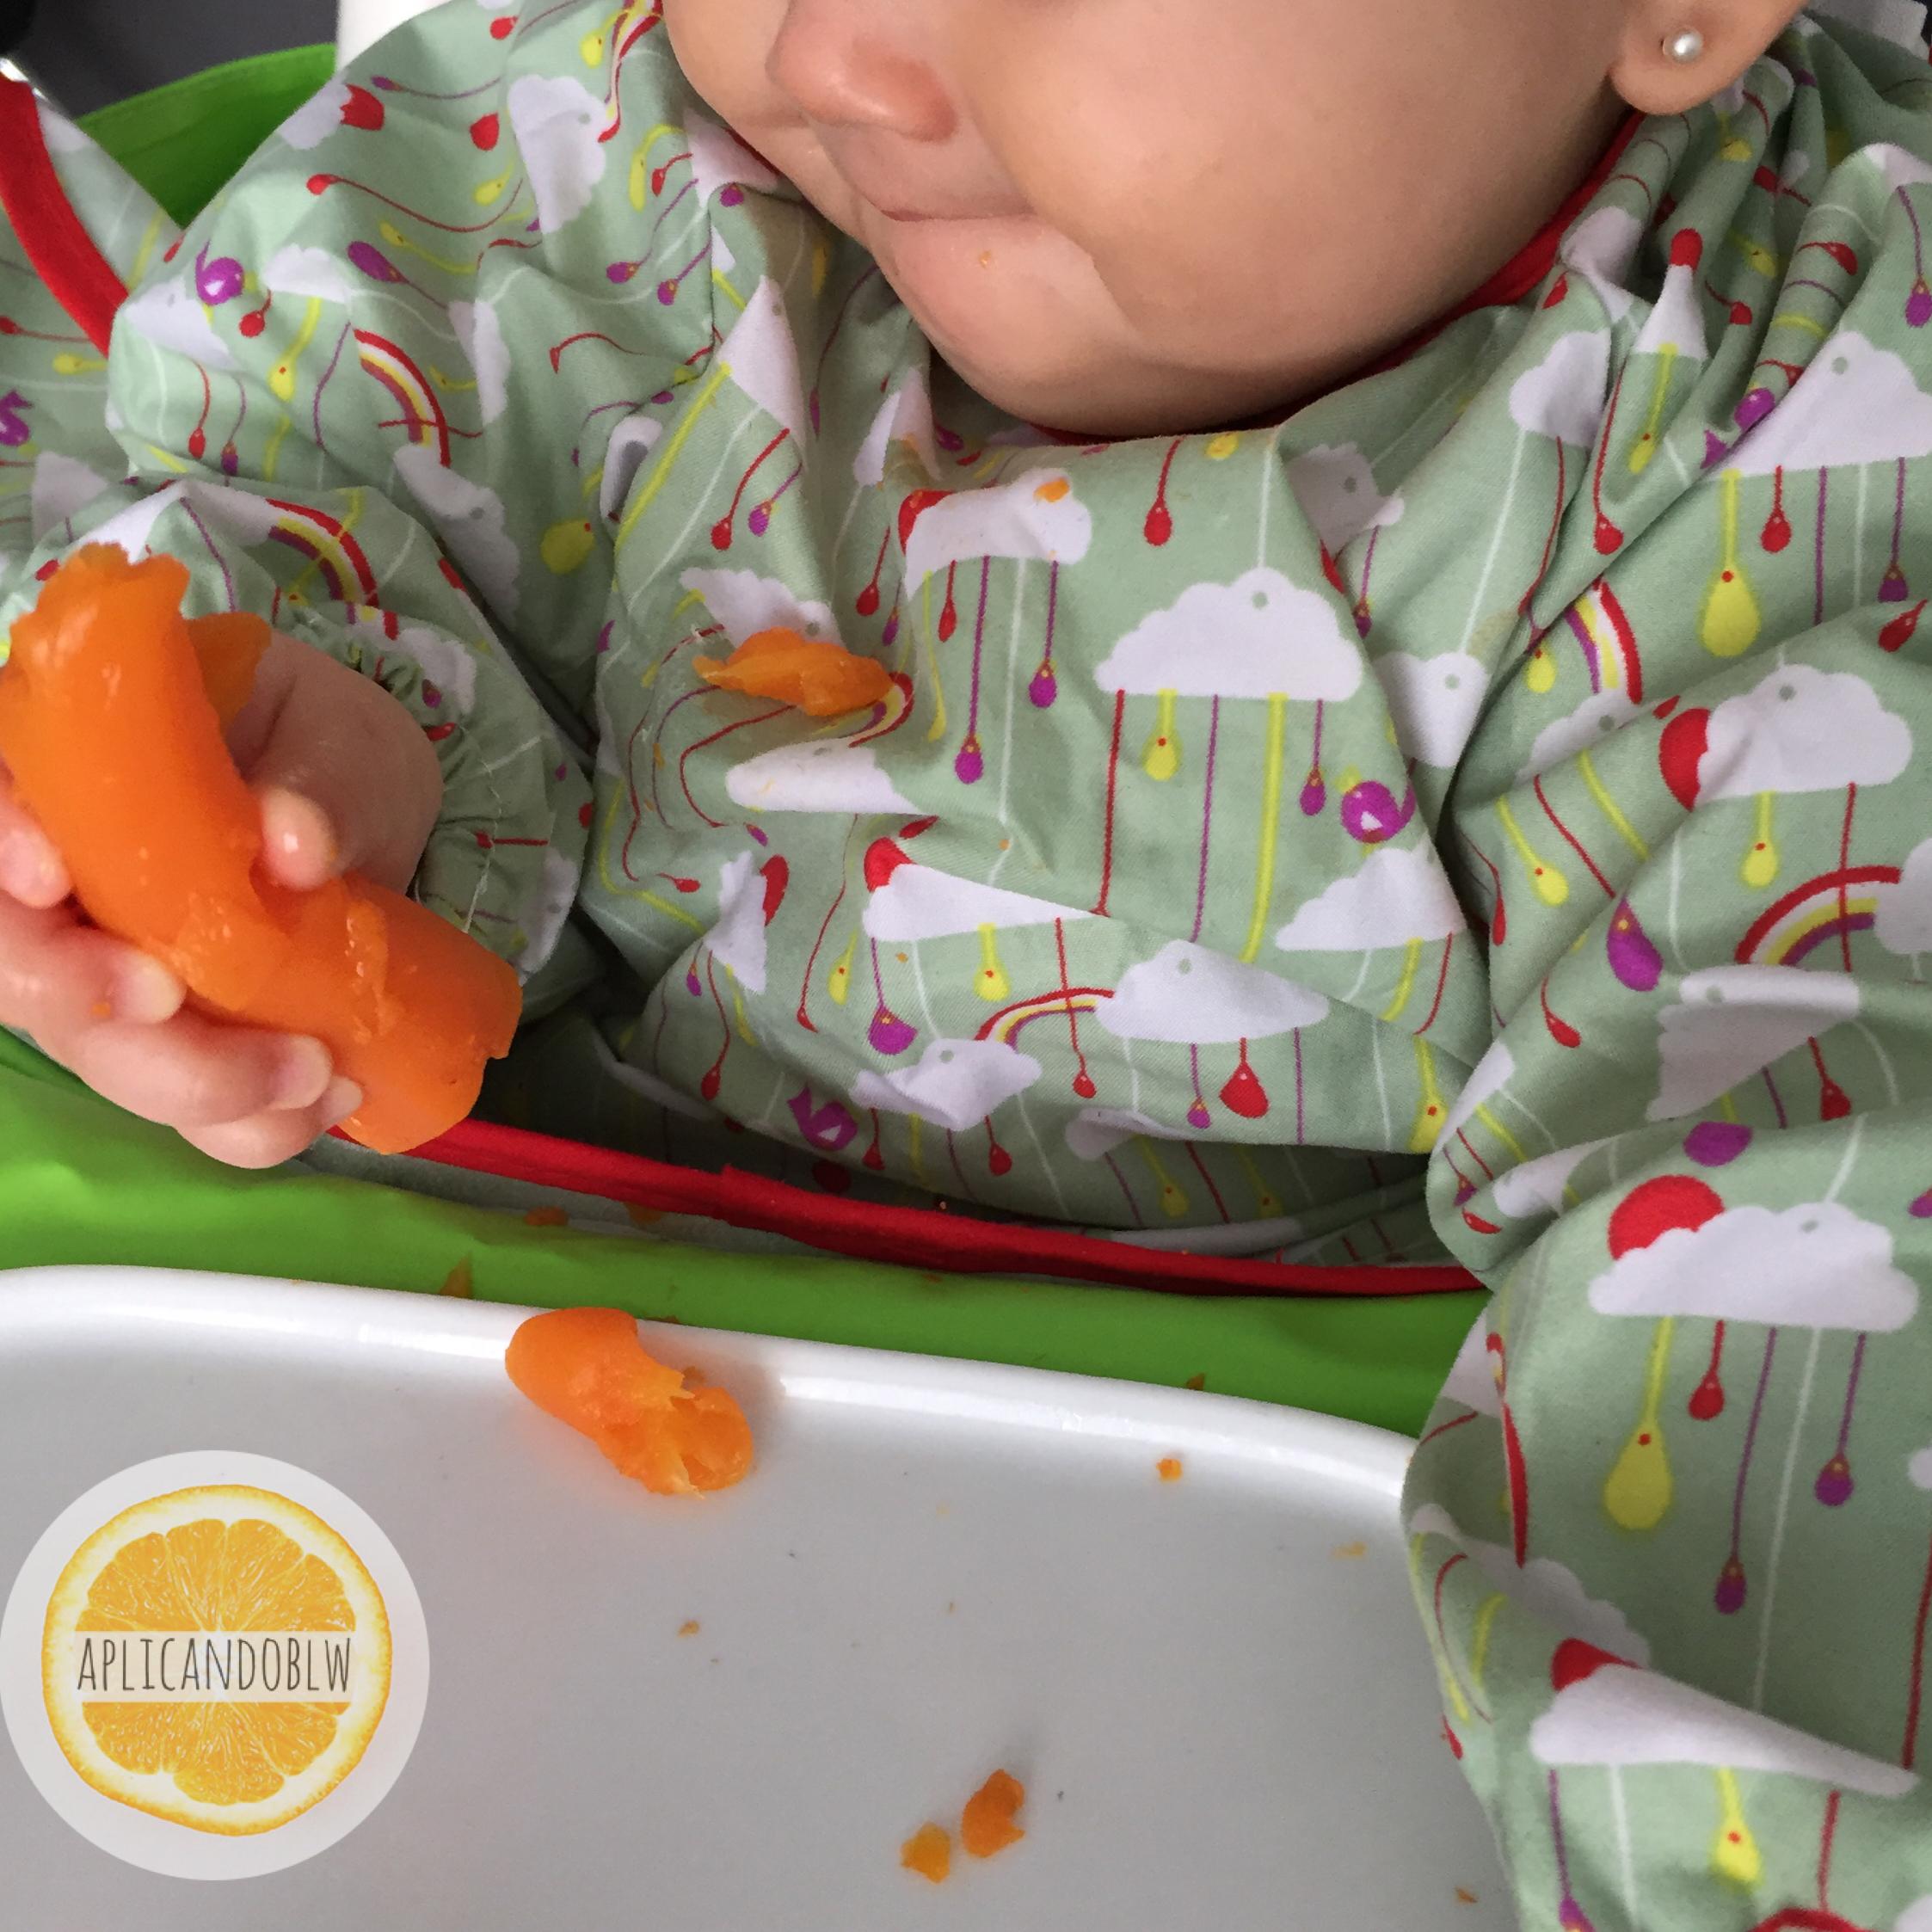 Dia 1 Zanahoria Cocida Aplicando Blw Las zanahorias son una raíz deliciosa y nutritiva. dia 1 zanahoria cocida aplicando blw